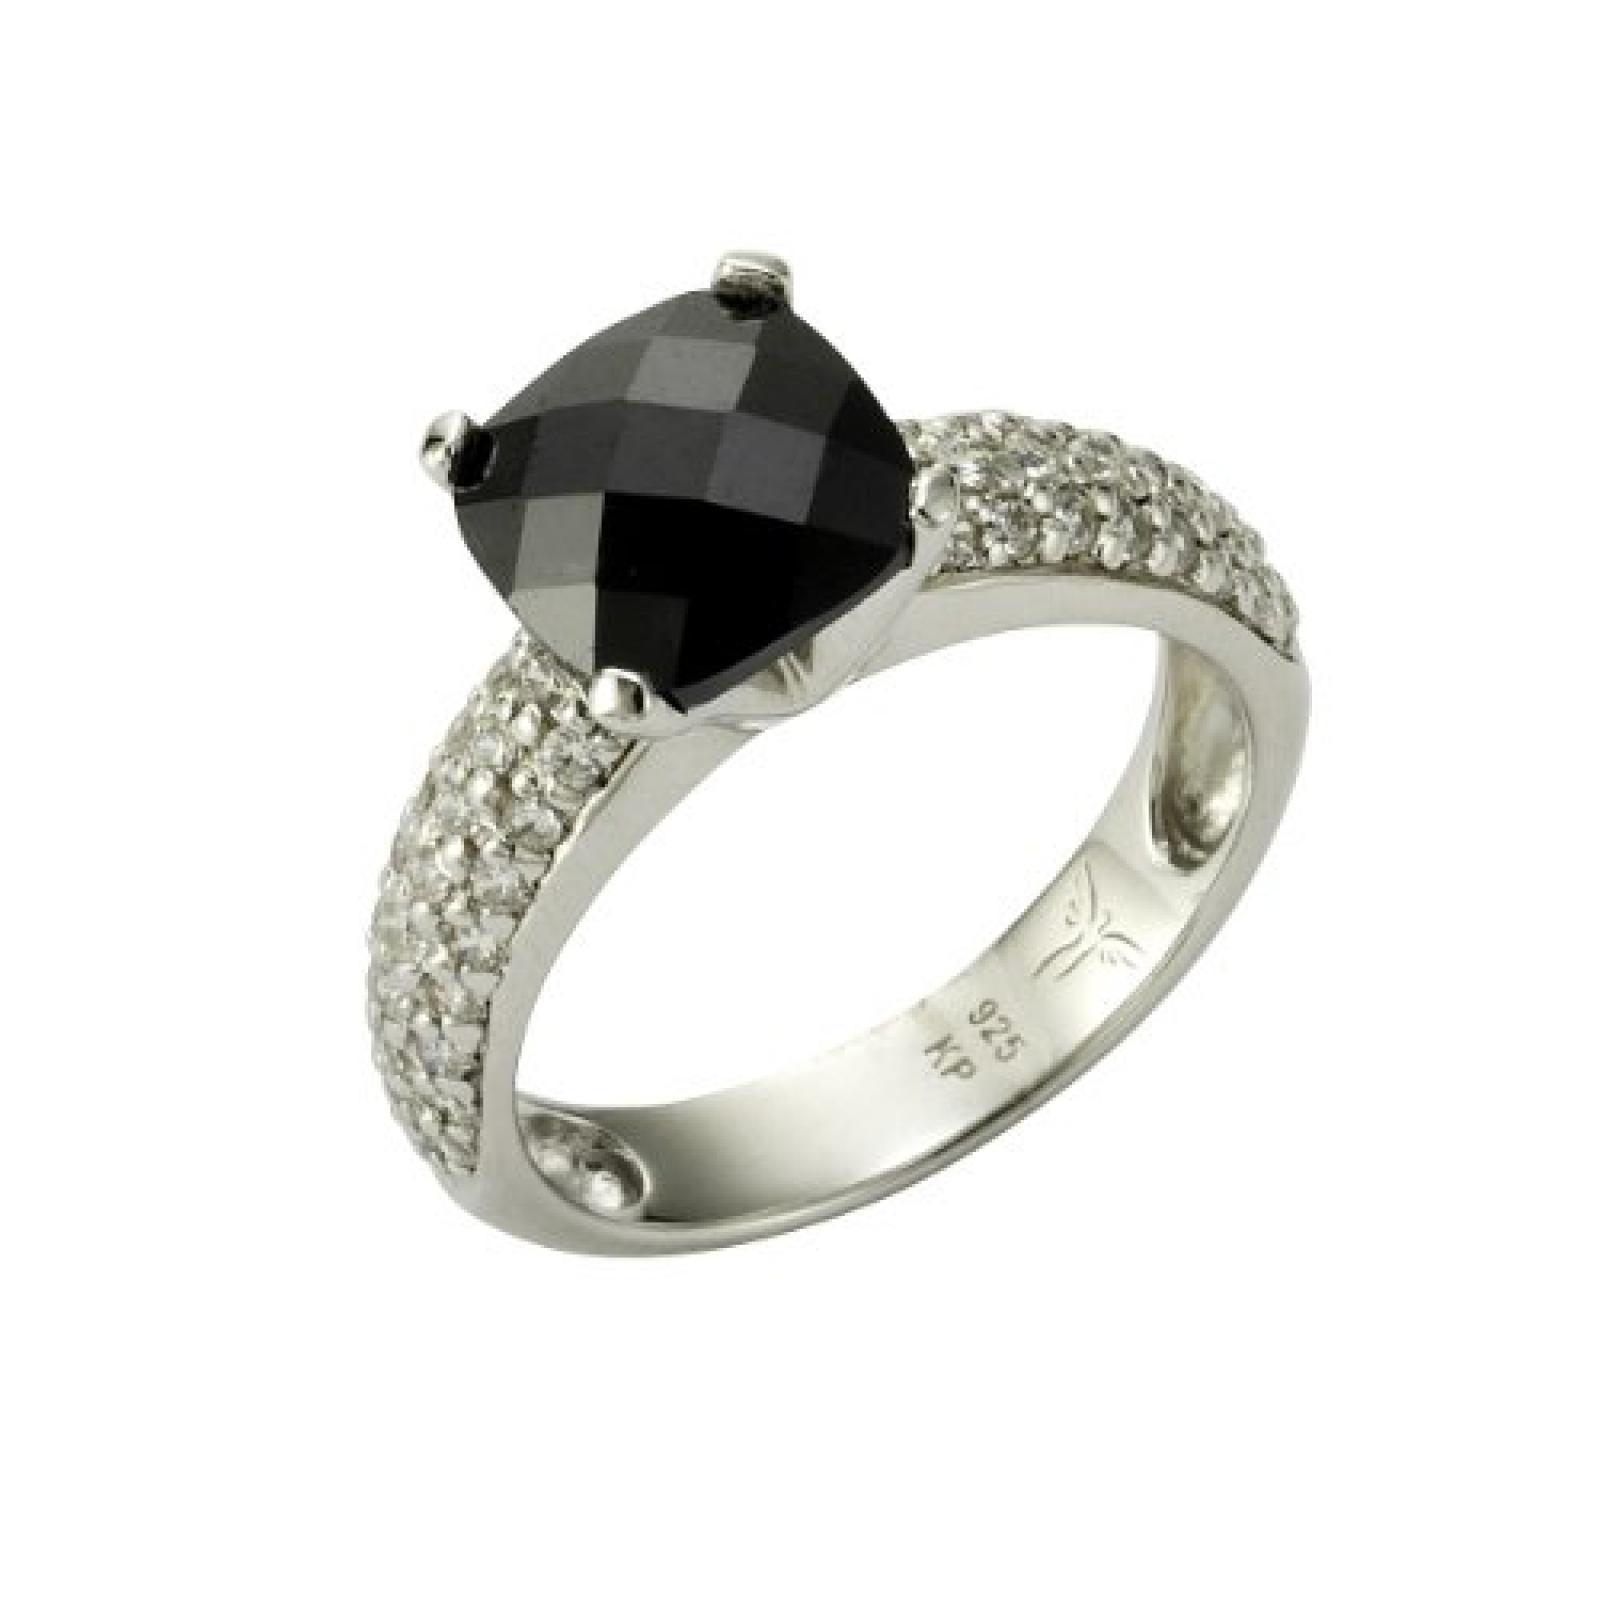 Celesta Damen-Ring 925 Sterling SilberZironia schwarz + weiß 273270874-1